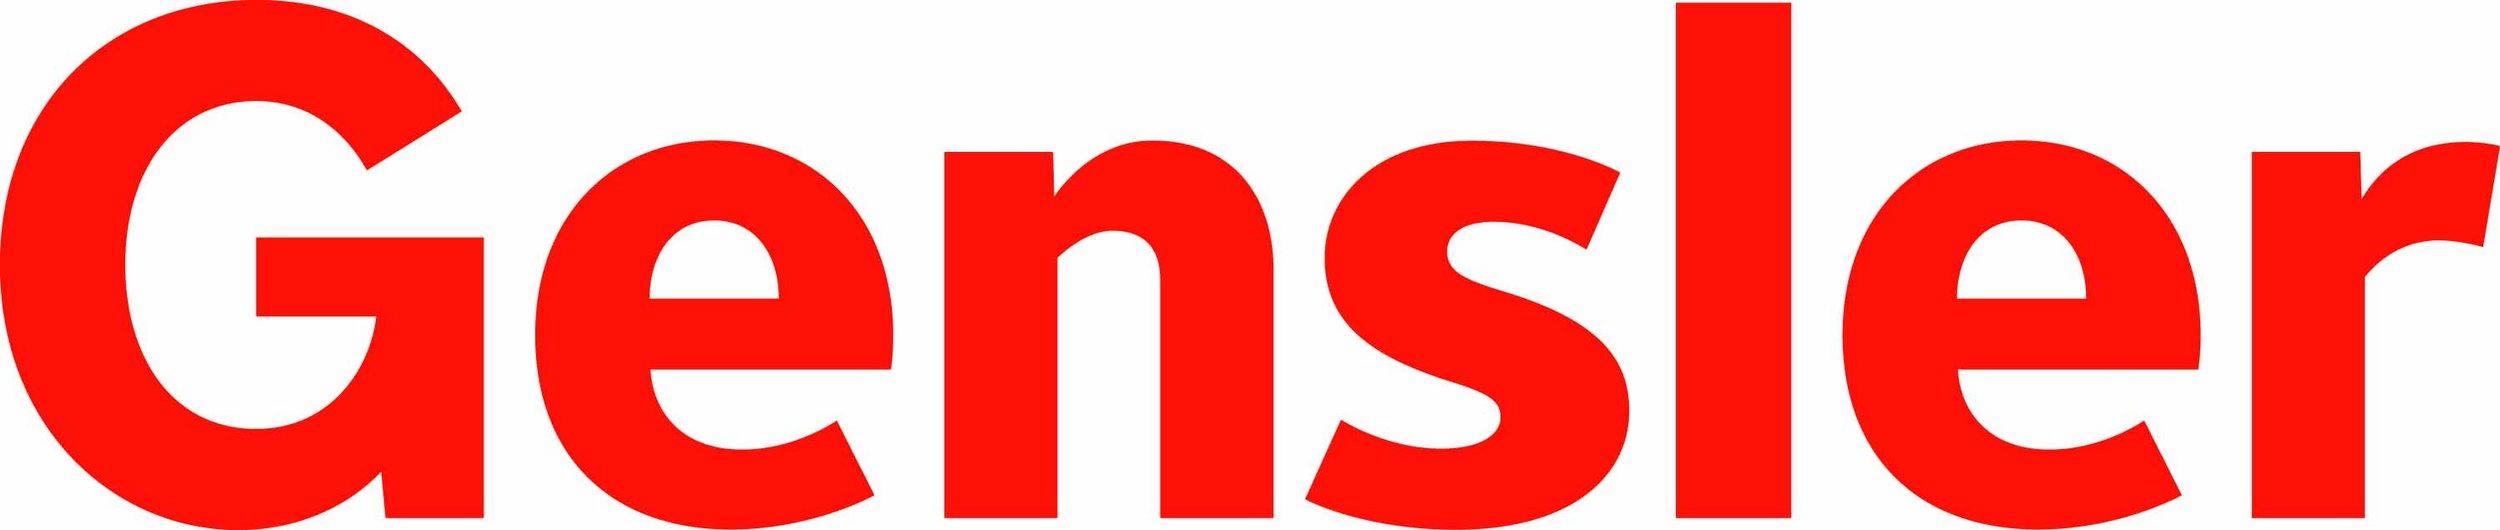 Gensler logo_Red-CMYK.jpg